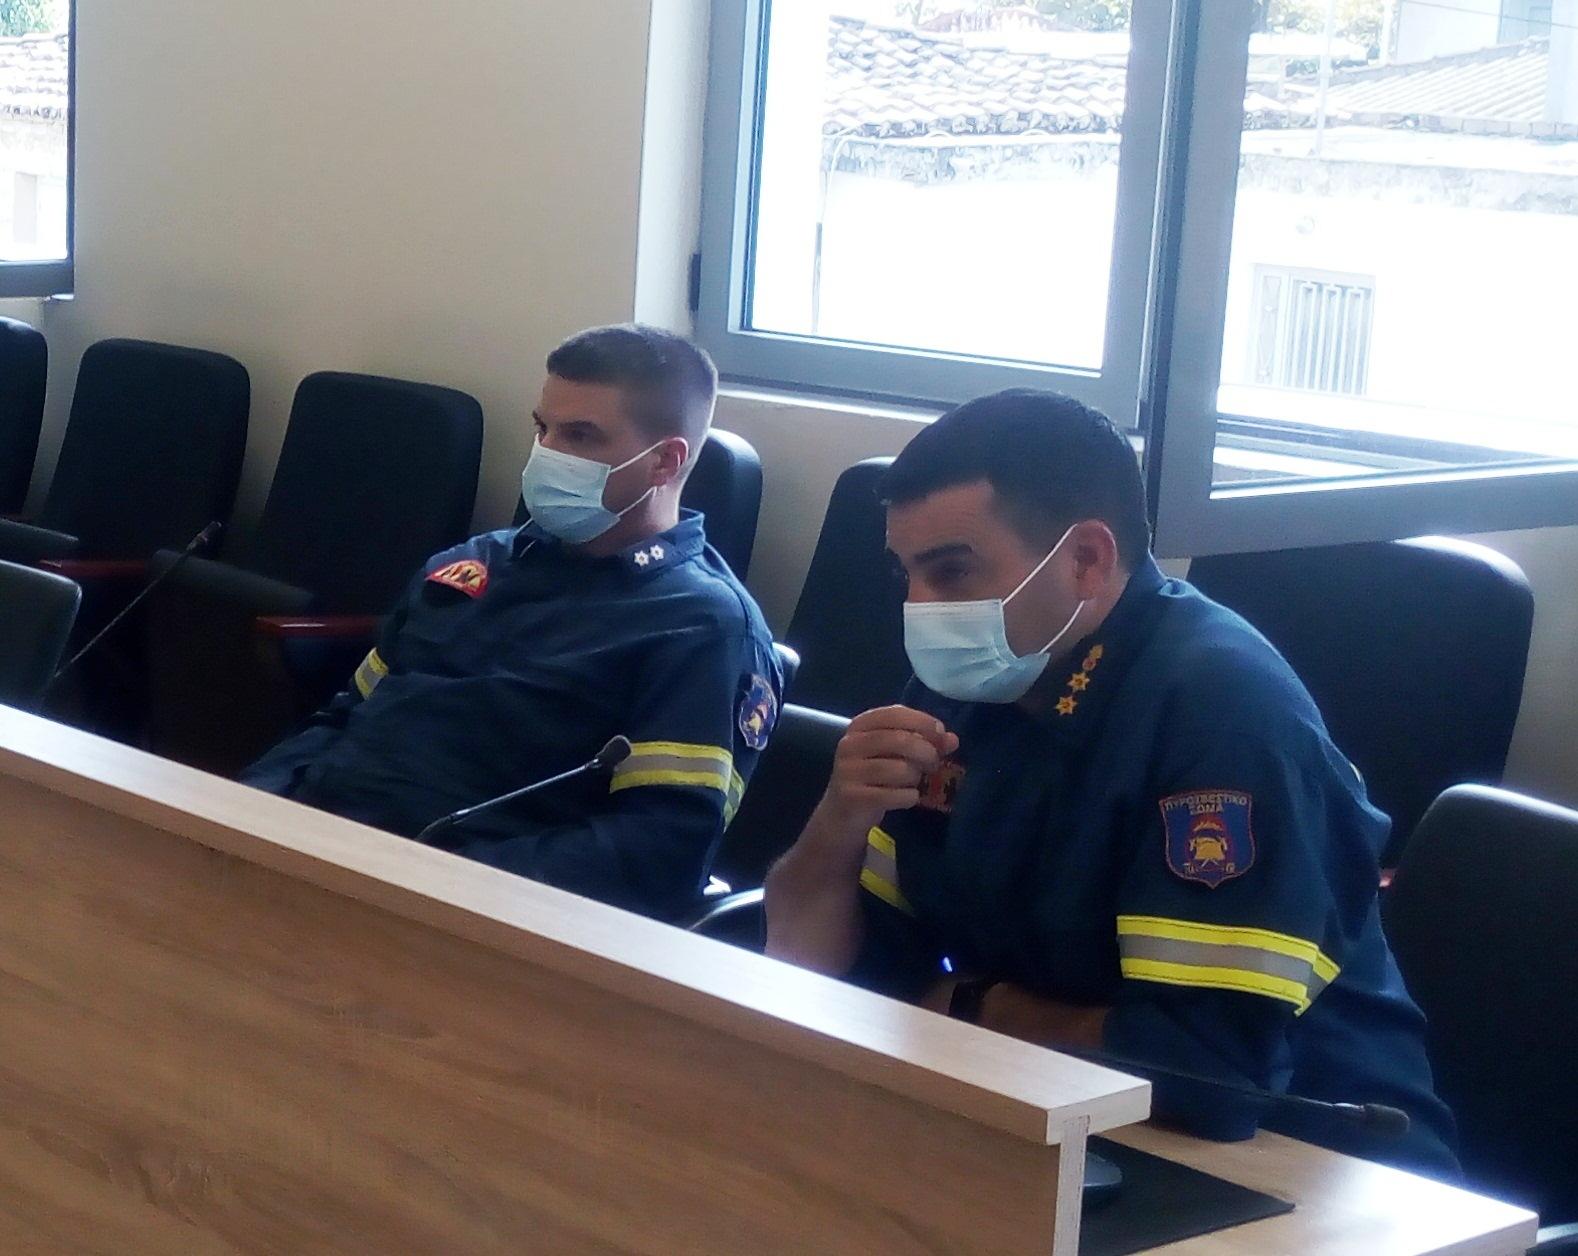 Δήμος Πηνειού: Σε ετοιμότητα για την κακοκαιρία- Συνεδρίασε το Συντονιστικό Όργανο Πολιτικής Προστασίας του Δήμου